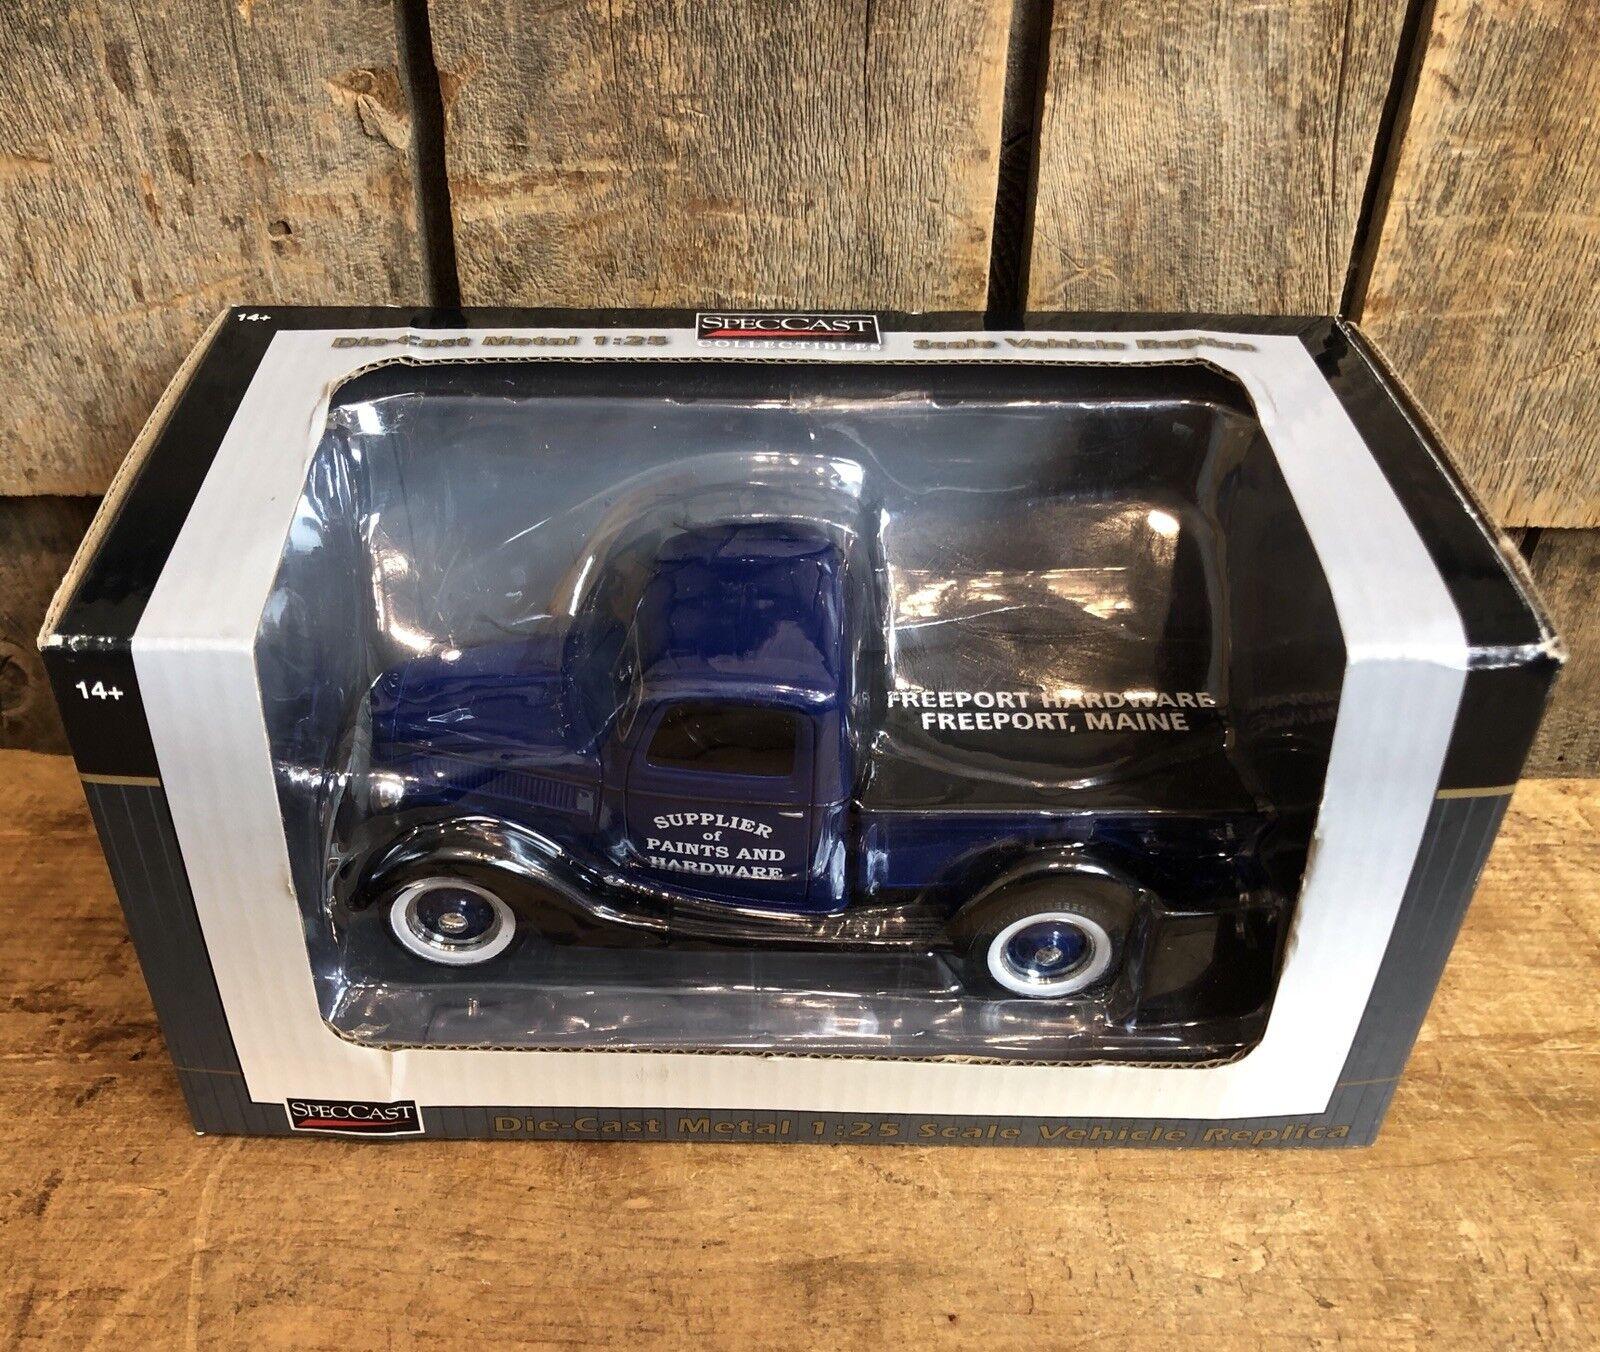 Merveilleux specCast 1937 FORD GM Die cast voiture Freeport matériel nouveau dans la boîte de collection